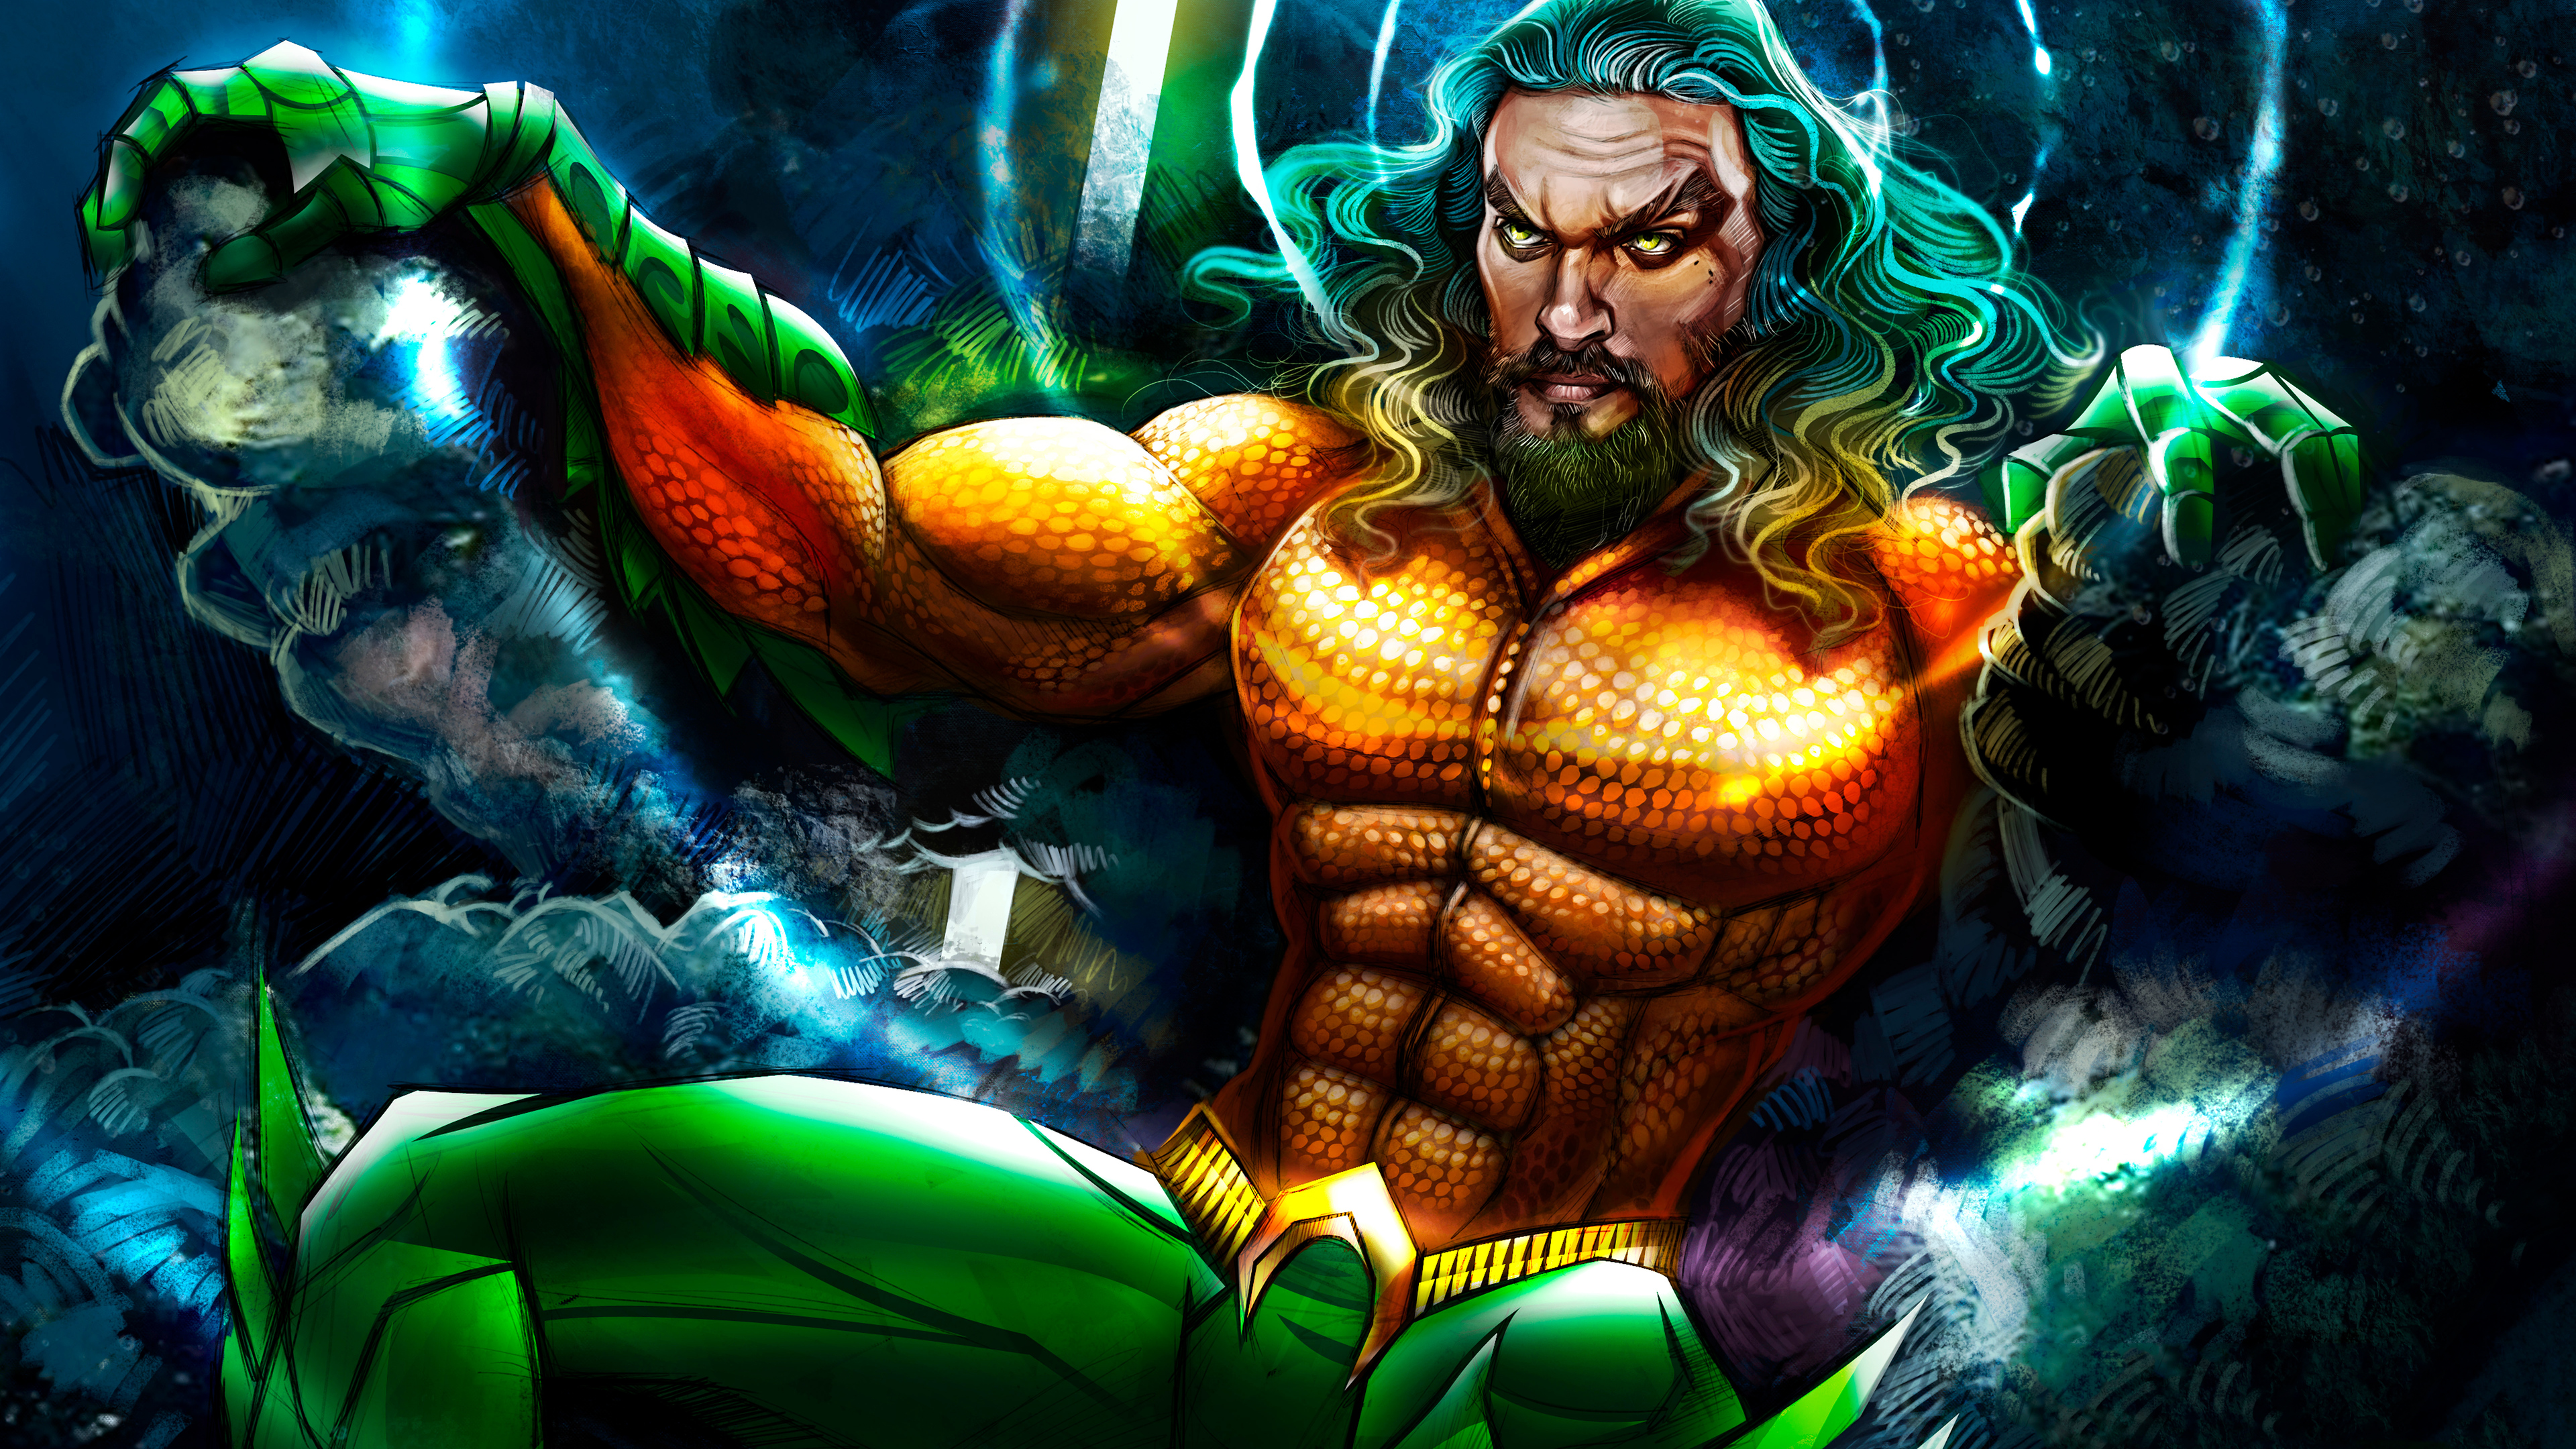 aquaman art 1570918658 - Aquaman Art - superheroes wallpapers, hd-wallpapers, artwork wallpapers, aquaman wallpapers, 8k wallpapers, 5k wallpapers, 4k-wallpapers